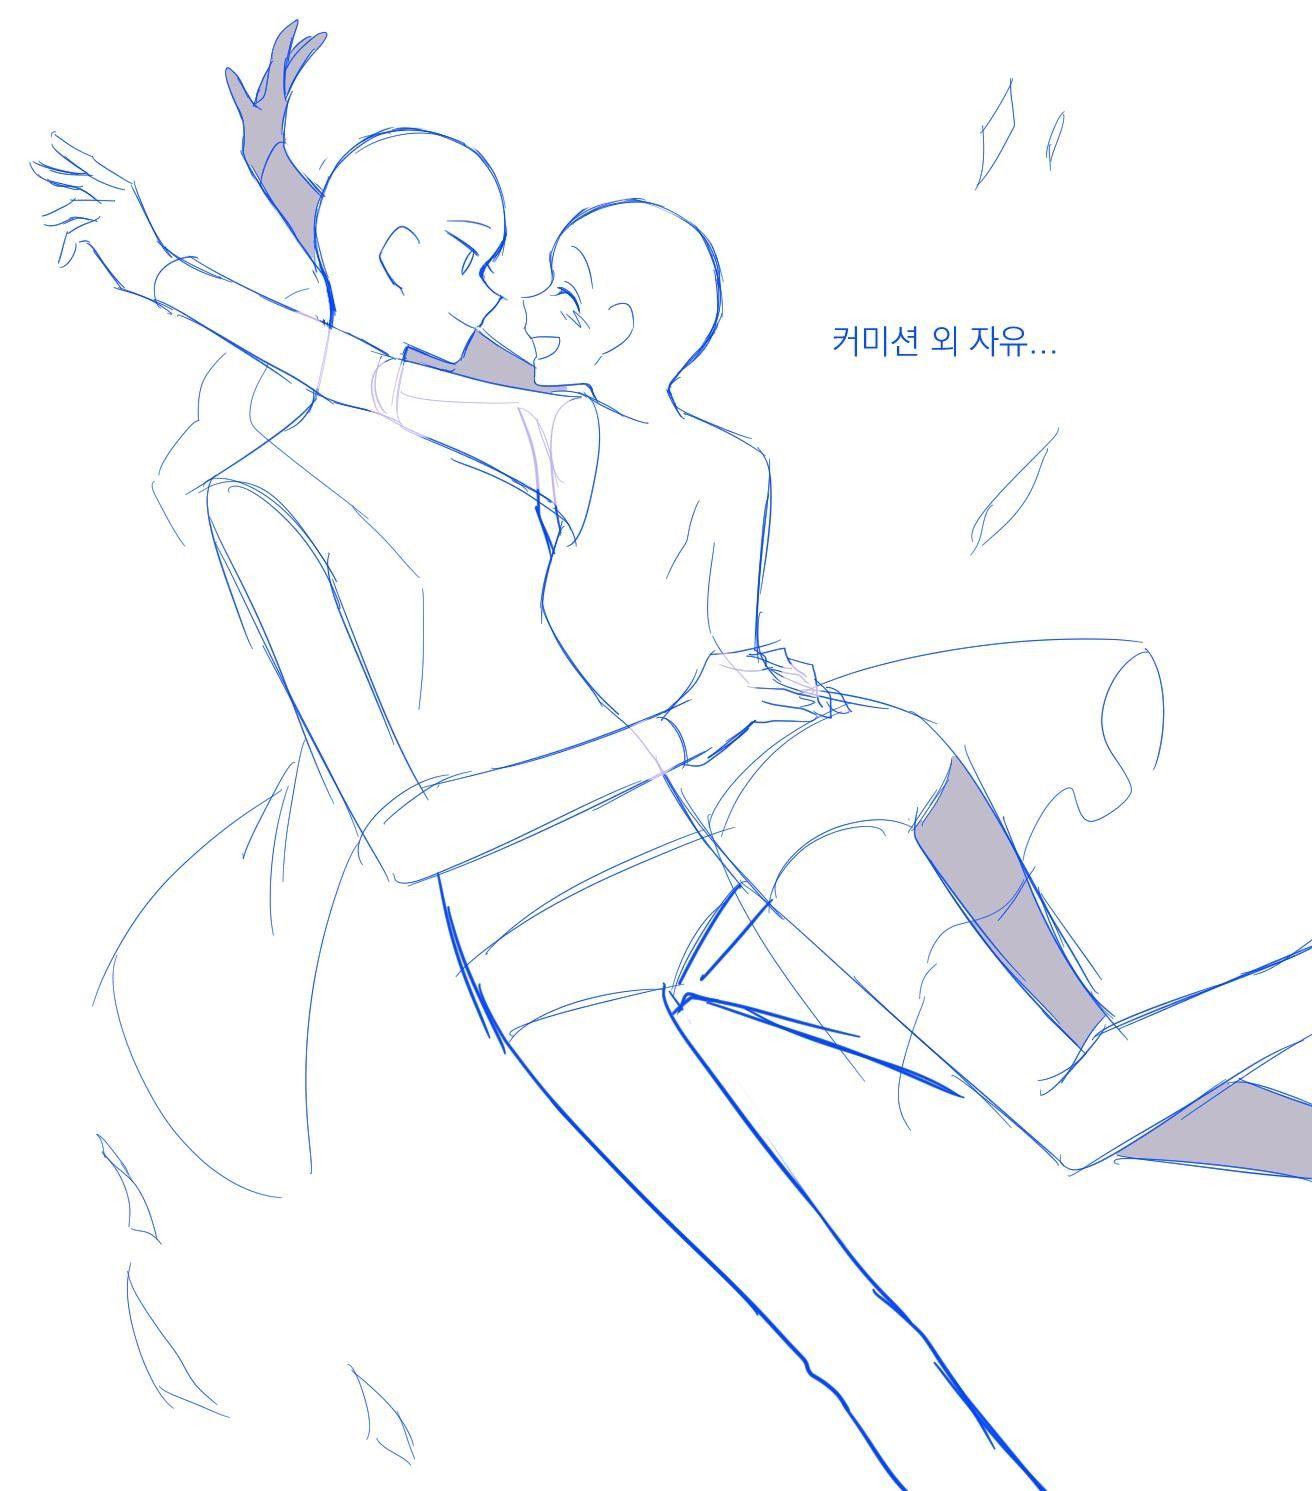 Pin By Mizuki Junko On A In 2020 Anime Poses Reference Couple Poses Reference Art Reference Poses